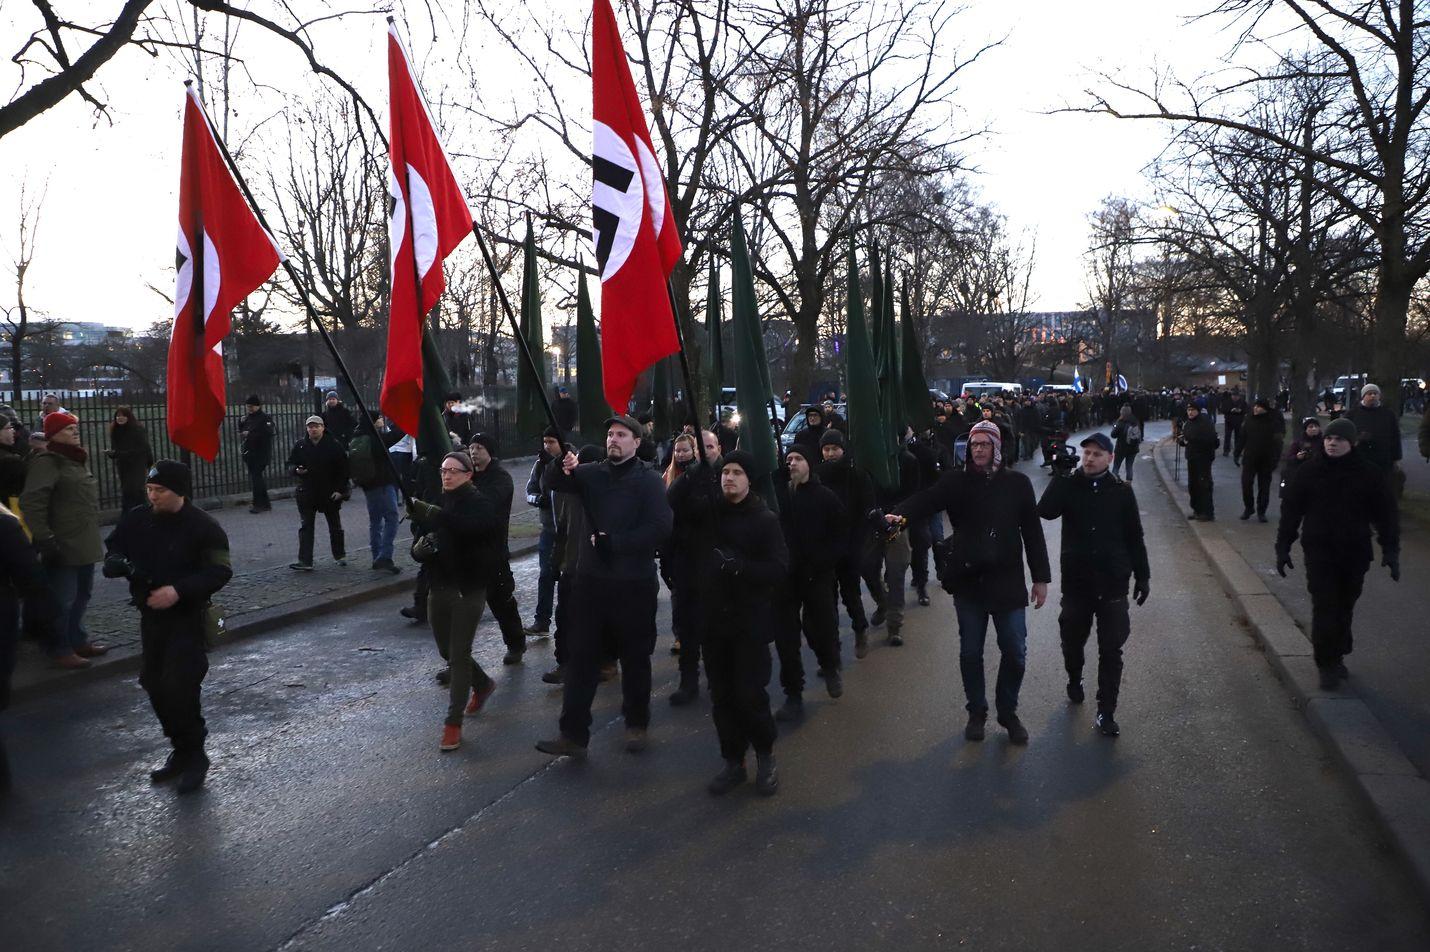 Osa suomalaisista tahtoisi istuttaa natsiliput osaksi itsenäisyysjuhlaperinteitä. Kuva on vuoden 2018 itsenäisyyspäivän mielenosoituksesta Helsingistä.